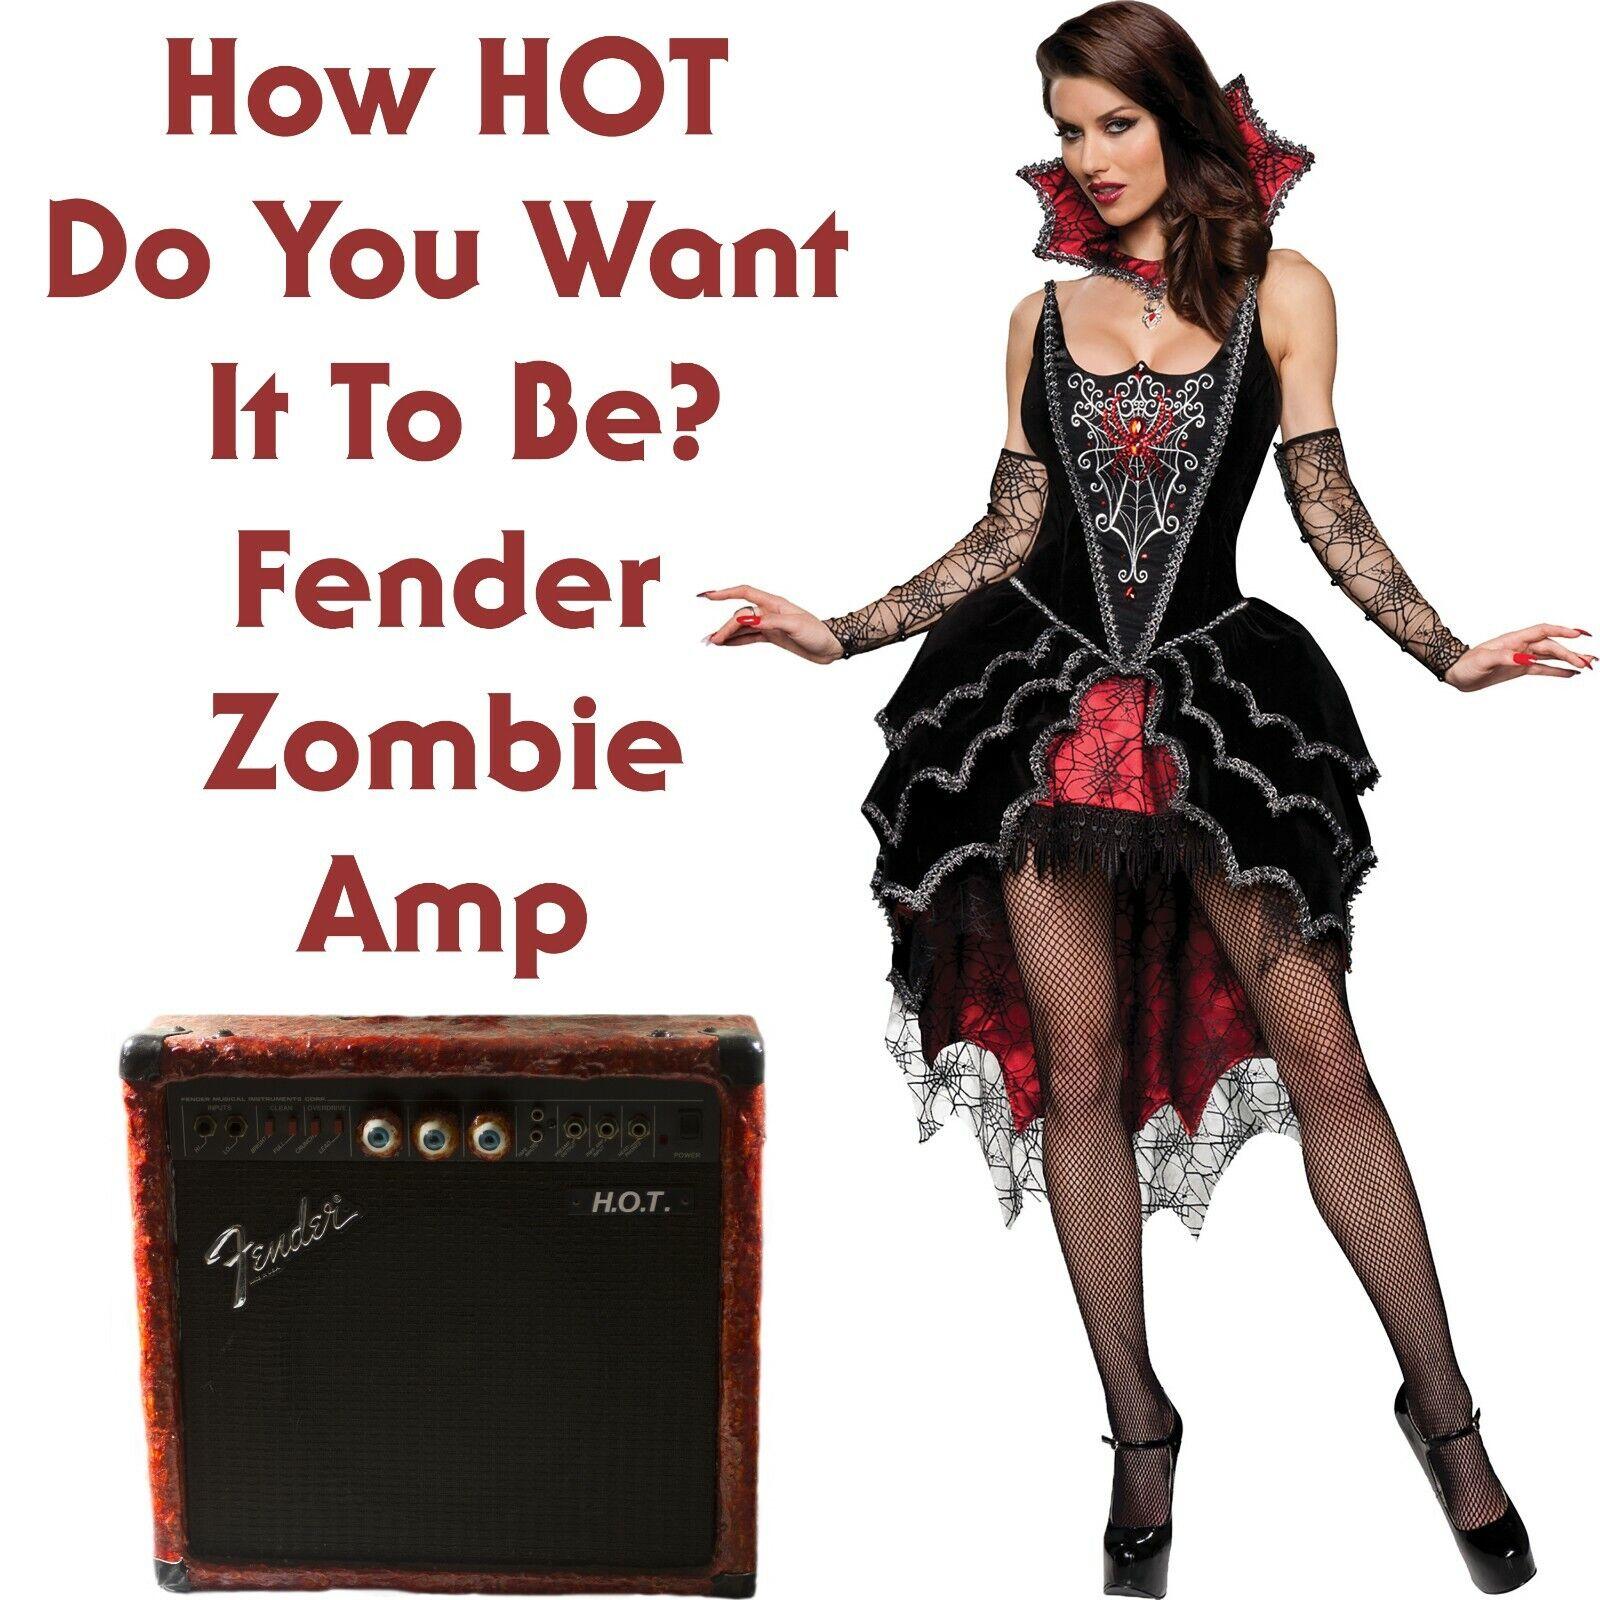 Fender Zombie Guitar Amplifier Halloween Prop